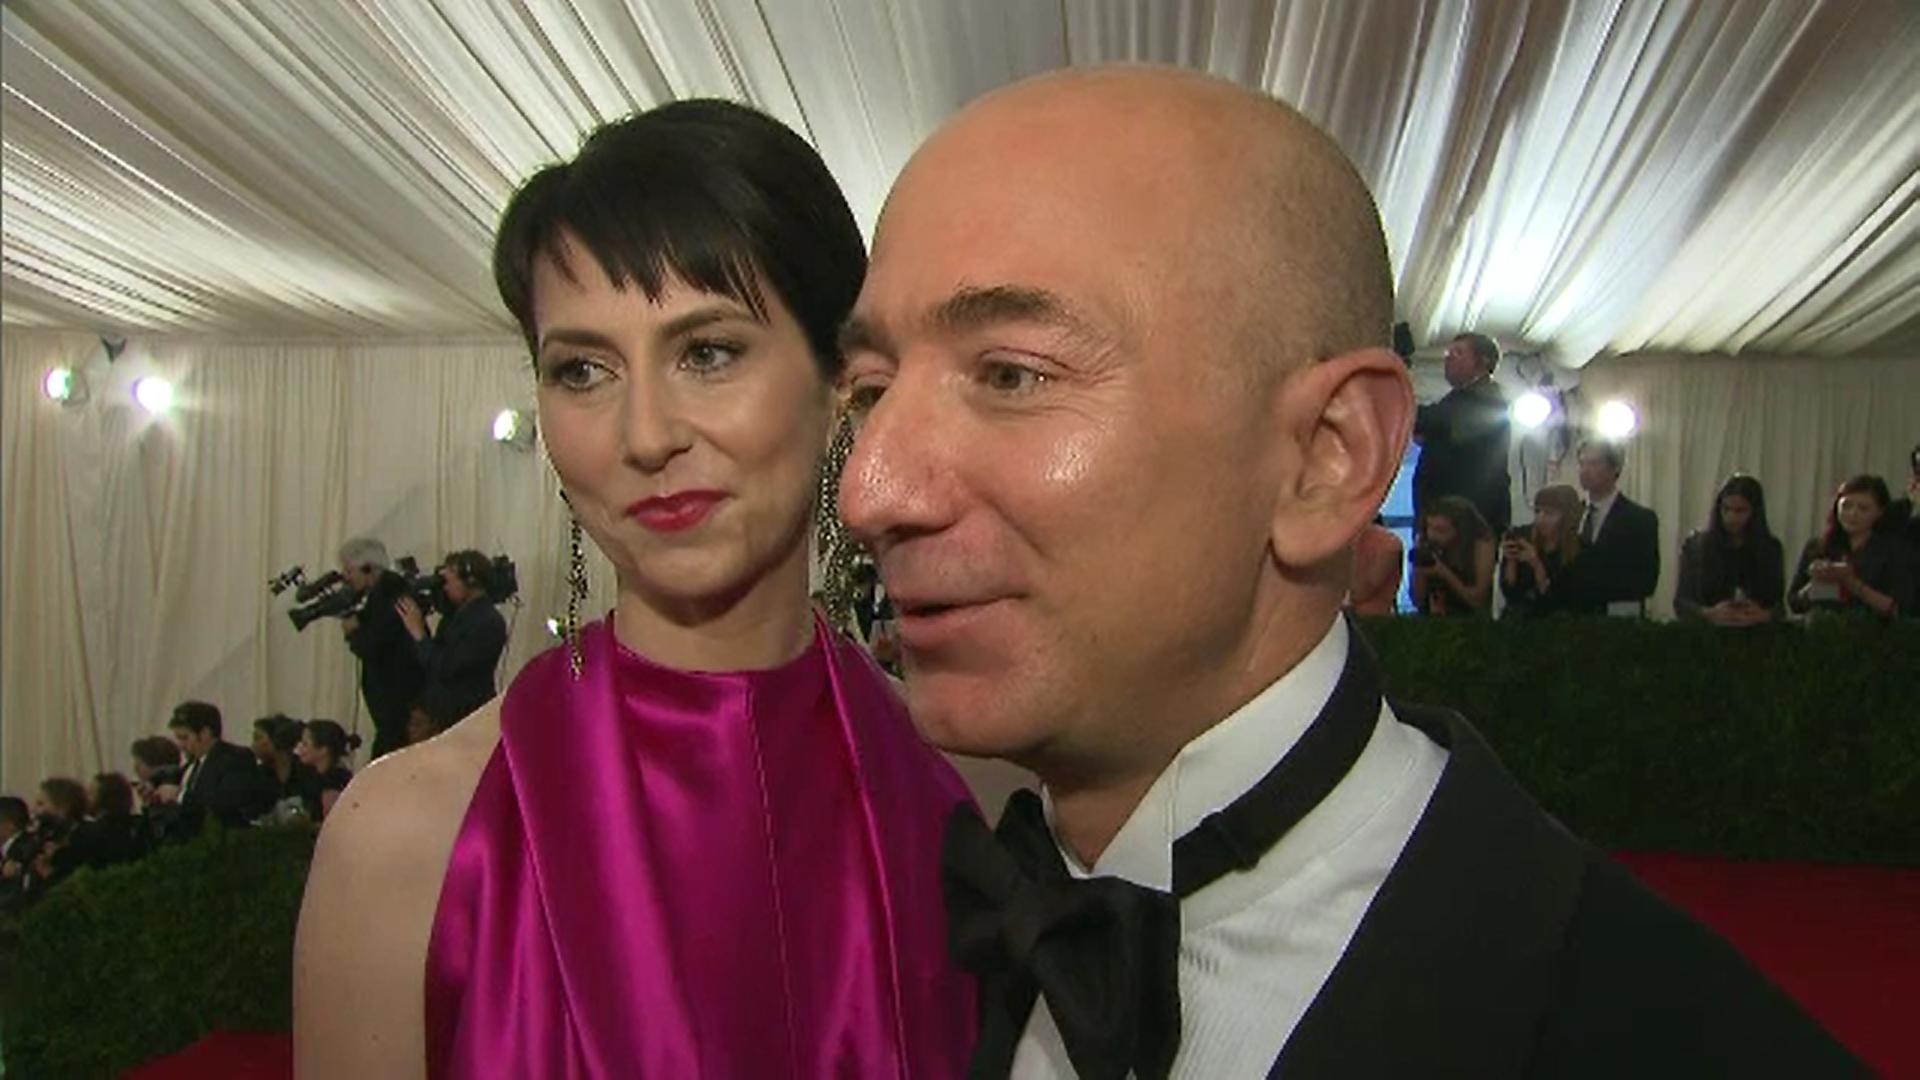 Fosta soţie a lui Jeff Bezos a donat peste 2,7 miliarde de dolari mai multor organizații caritabile